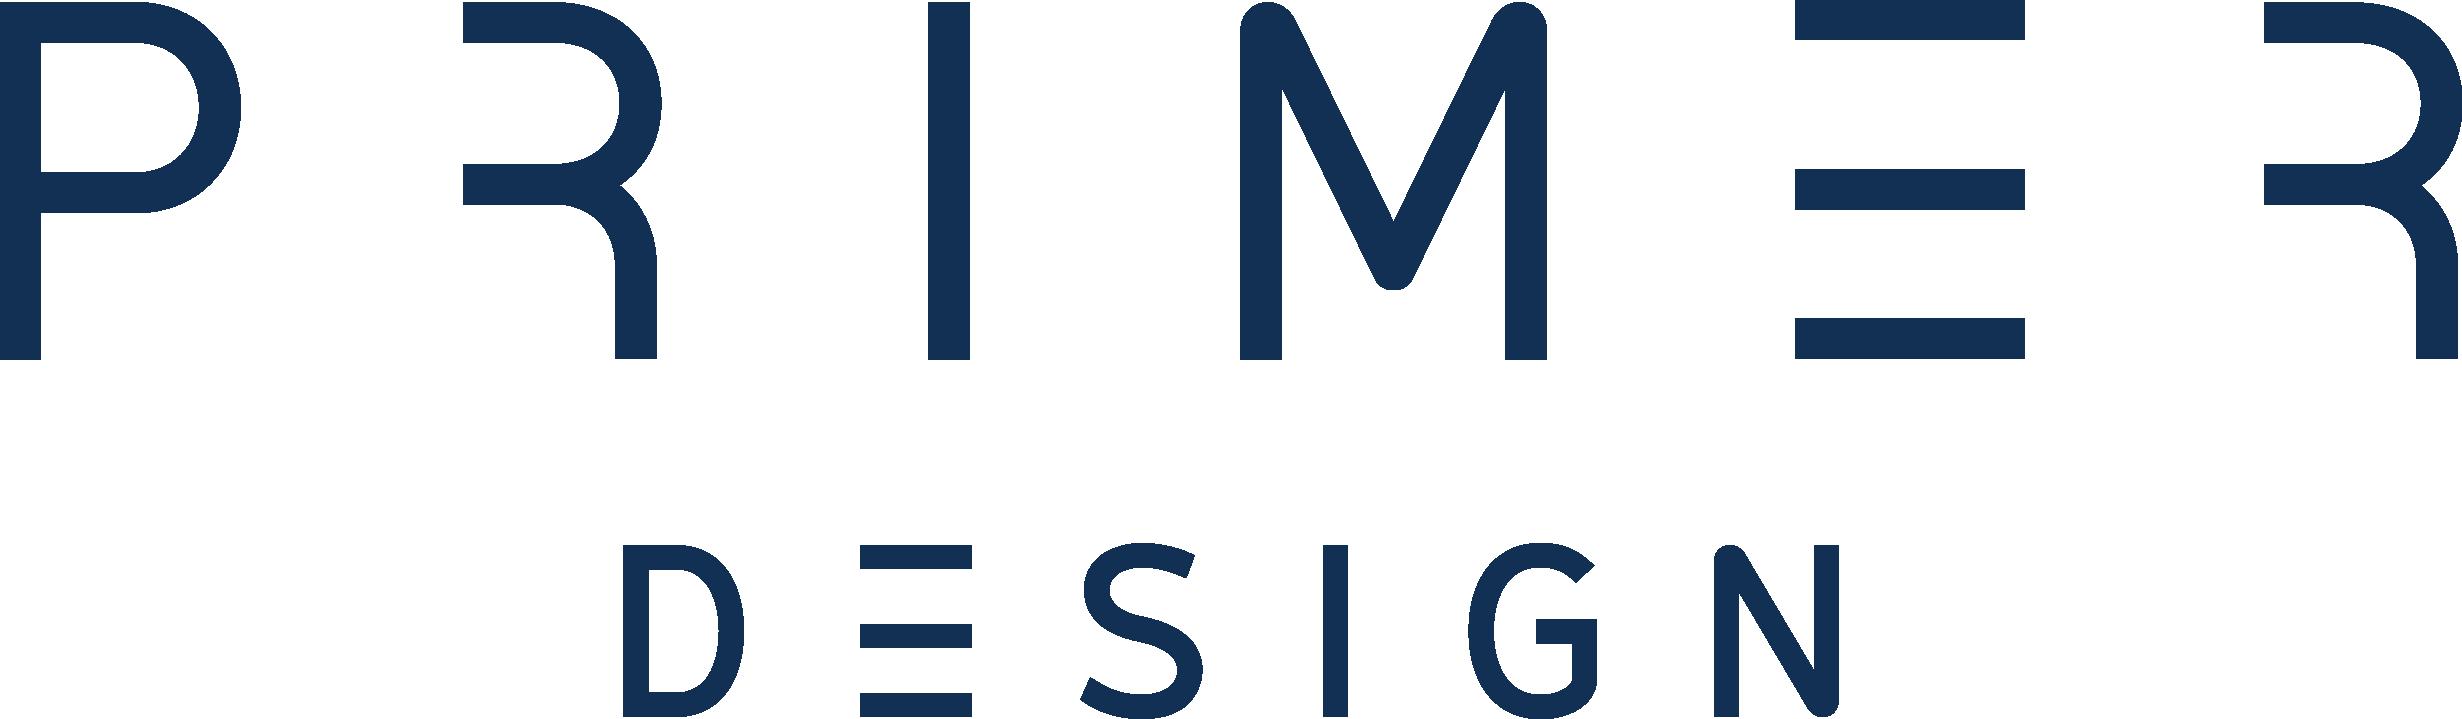 Primer Design